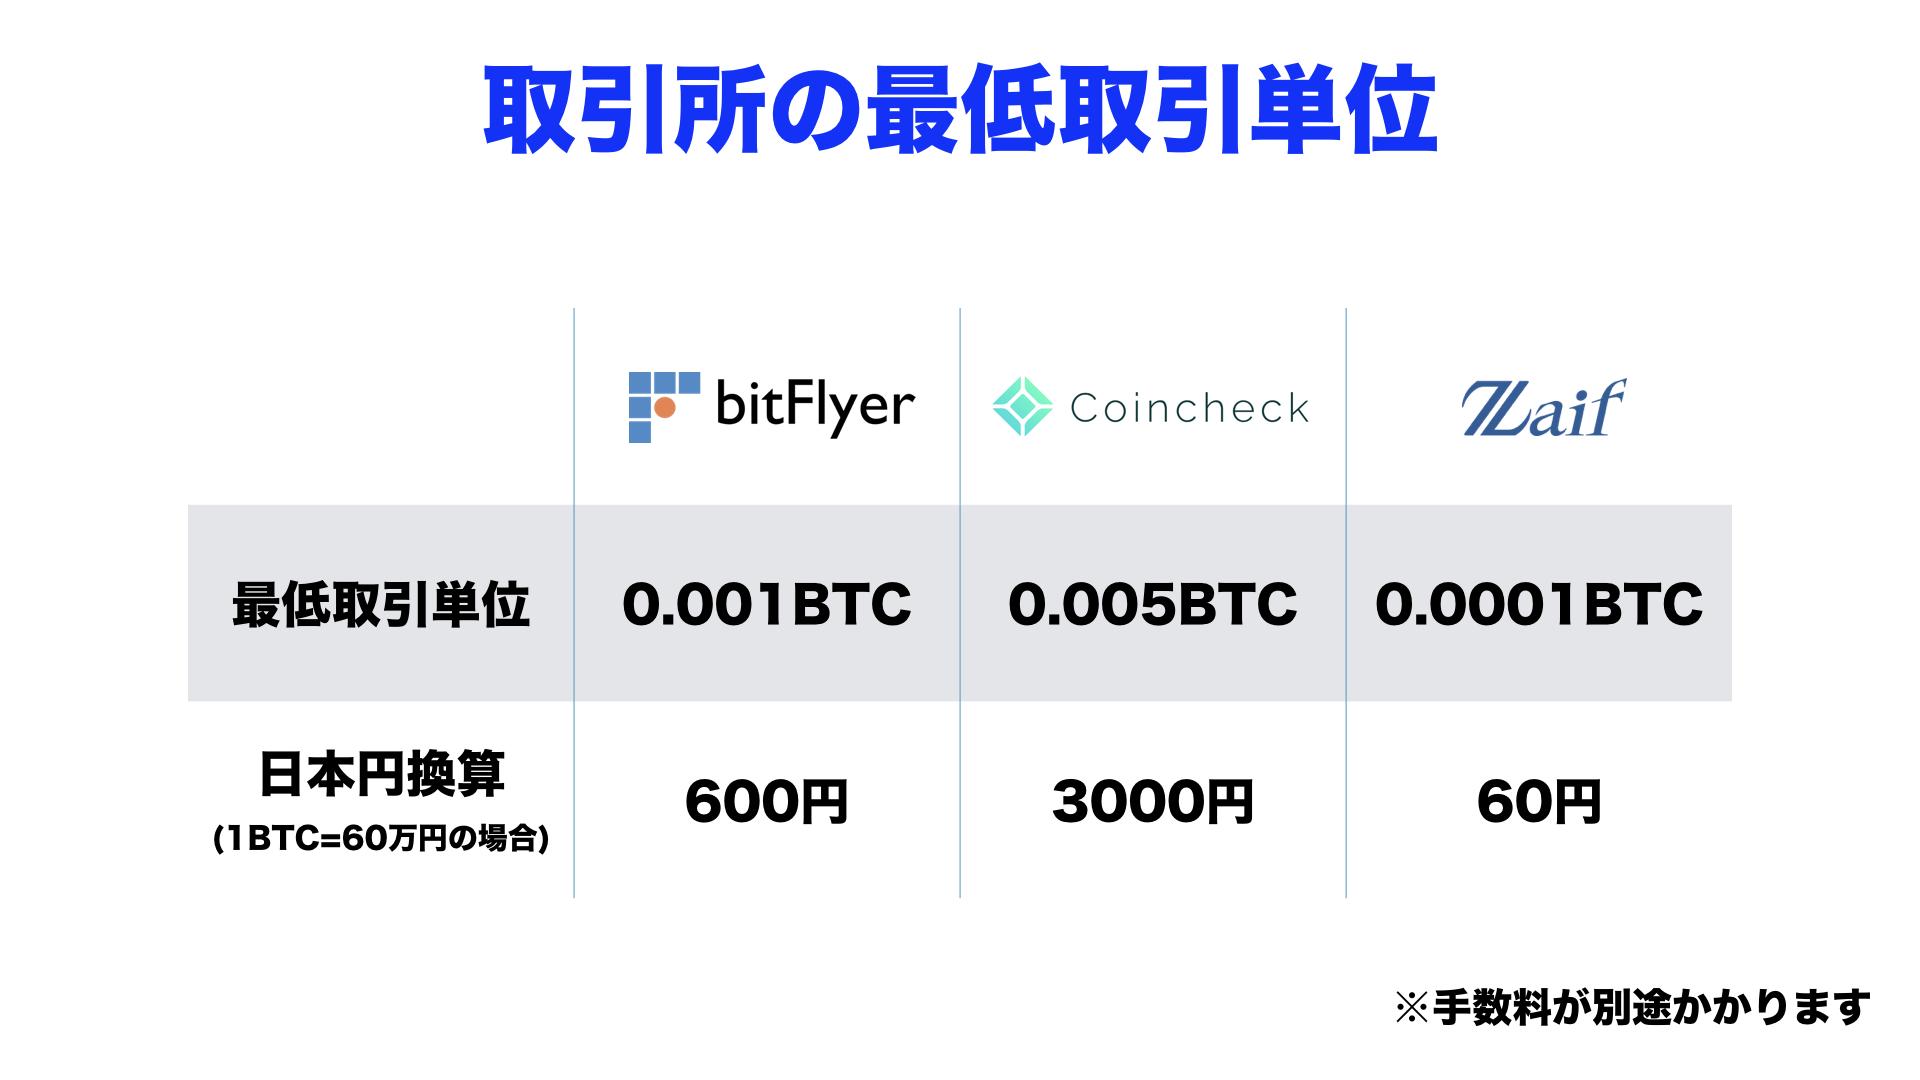 「10年以内にビットコイン4000万円、イーサリアム40万円」Crypto Research Report大胆予測の根拠は?